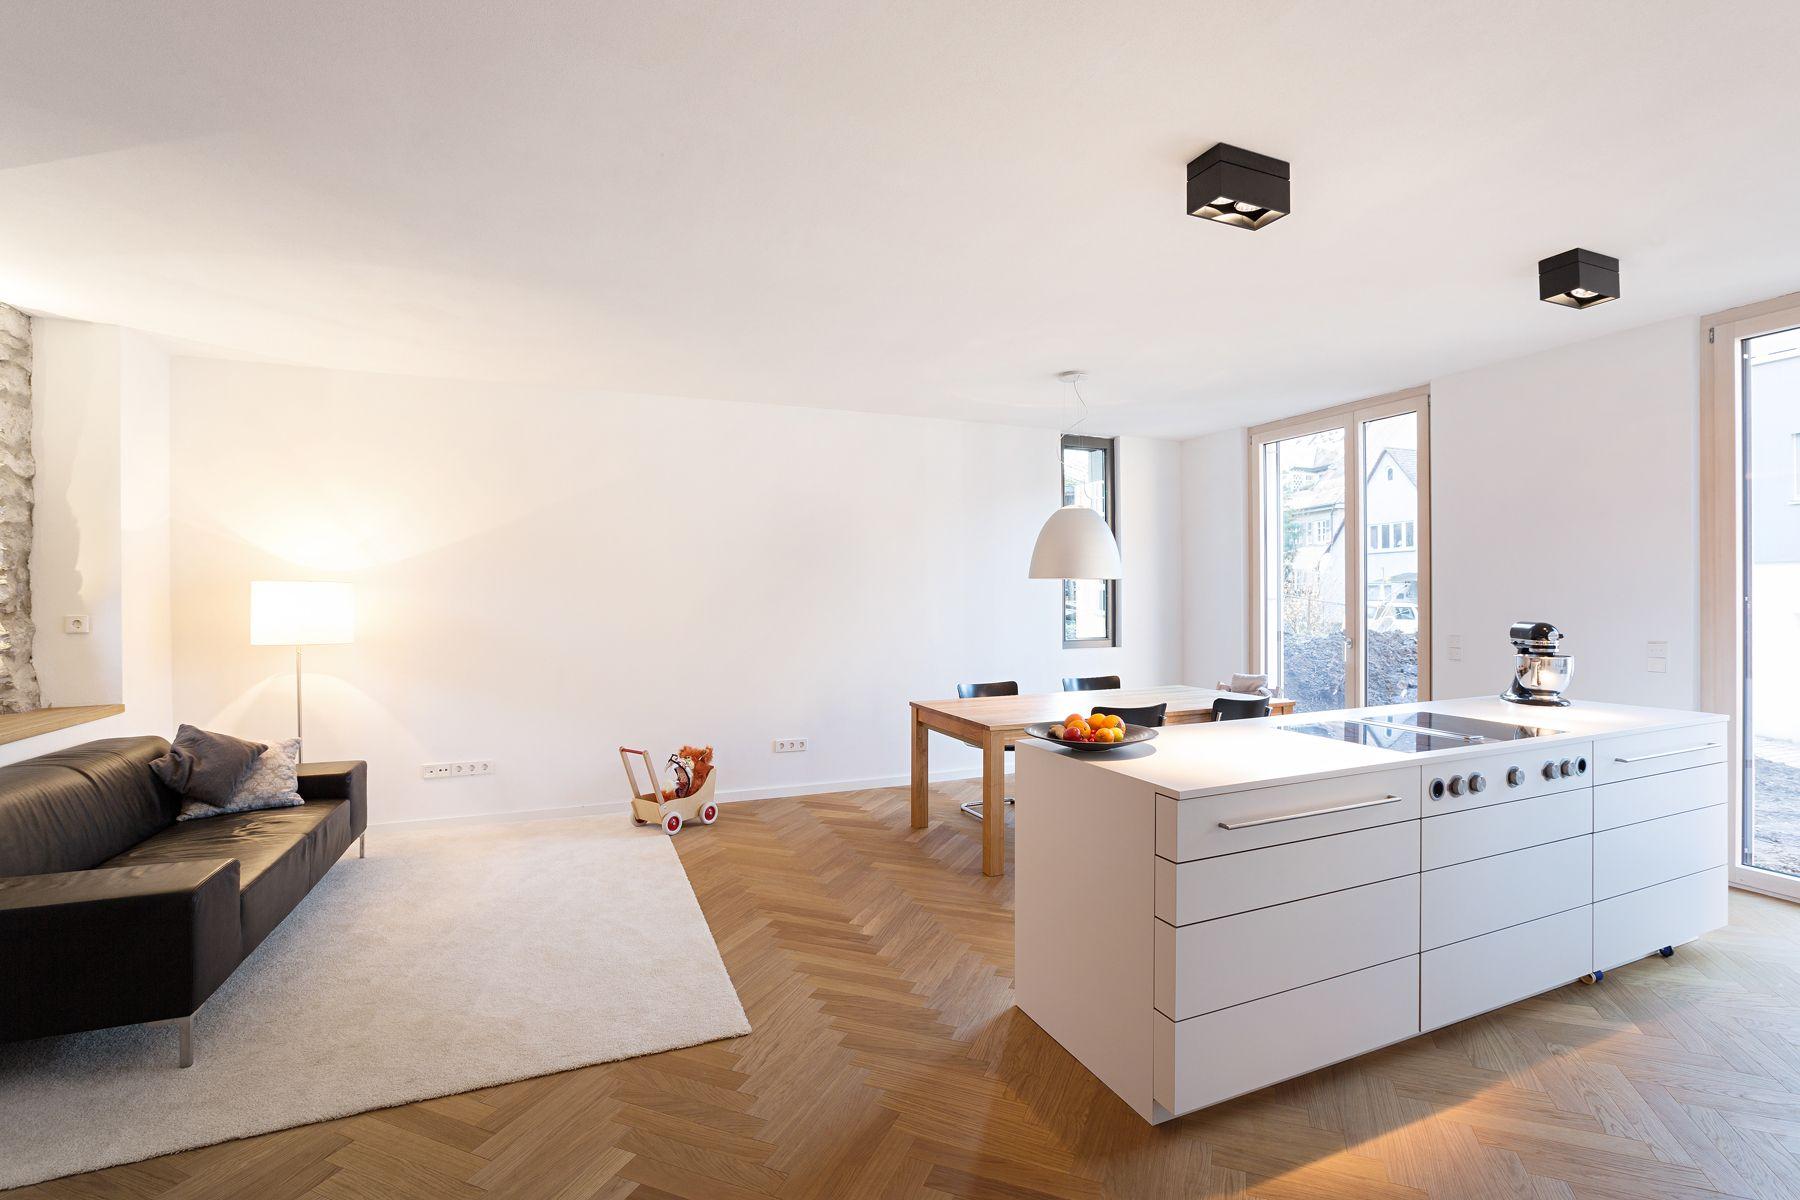 In Den Wohnraum Integrierte Weisse Kochinsel Mit Dunstabzug Nach